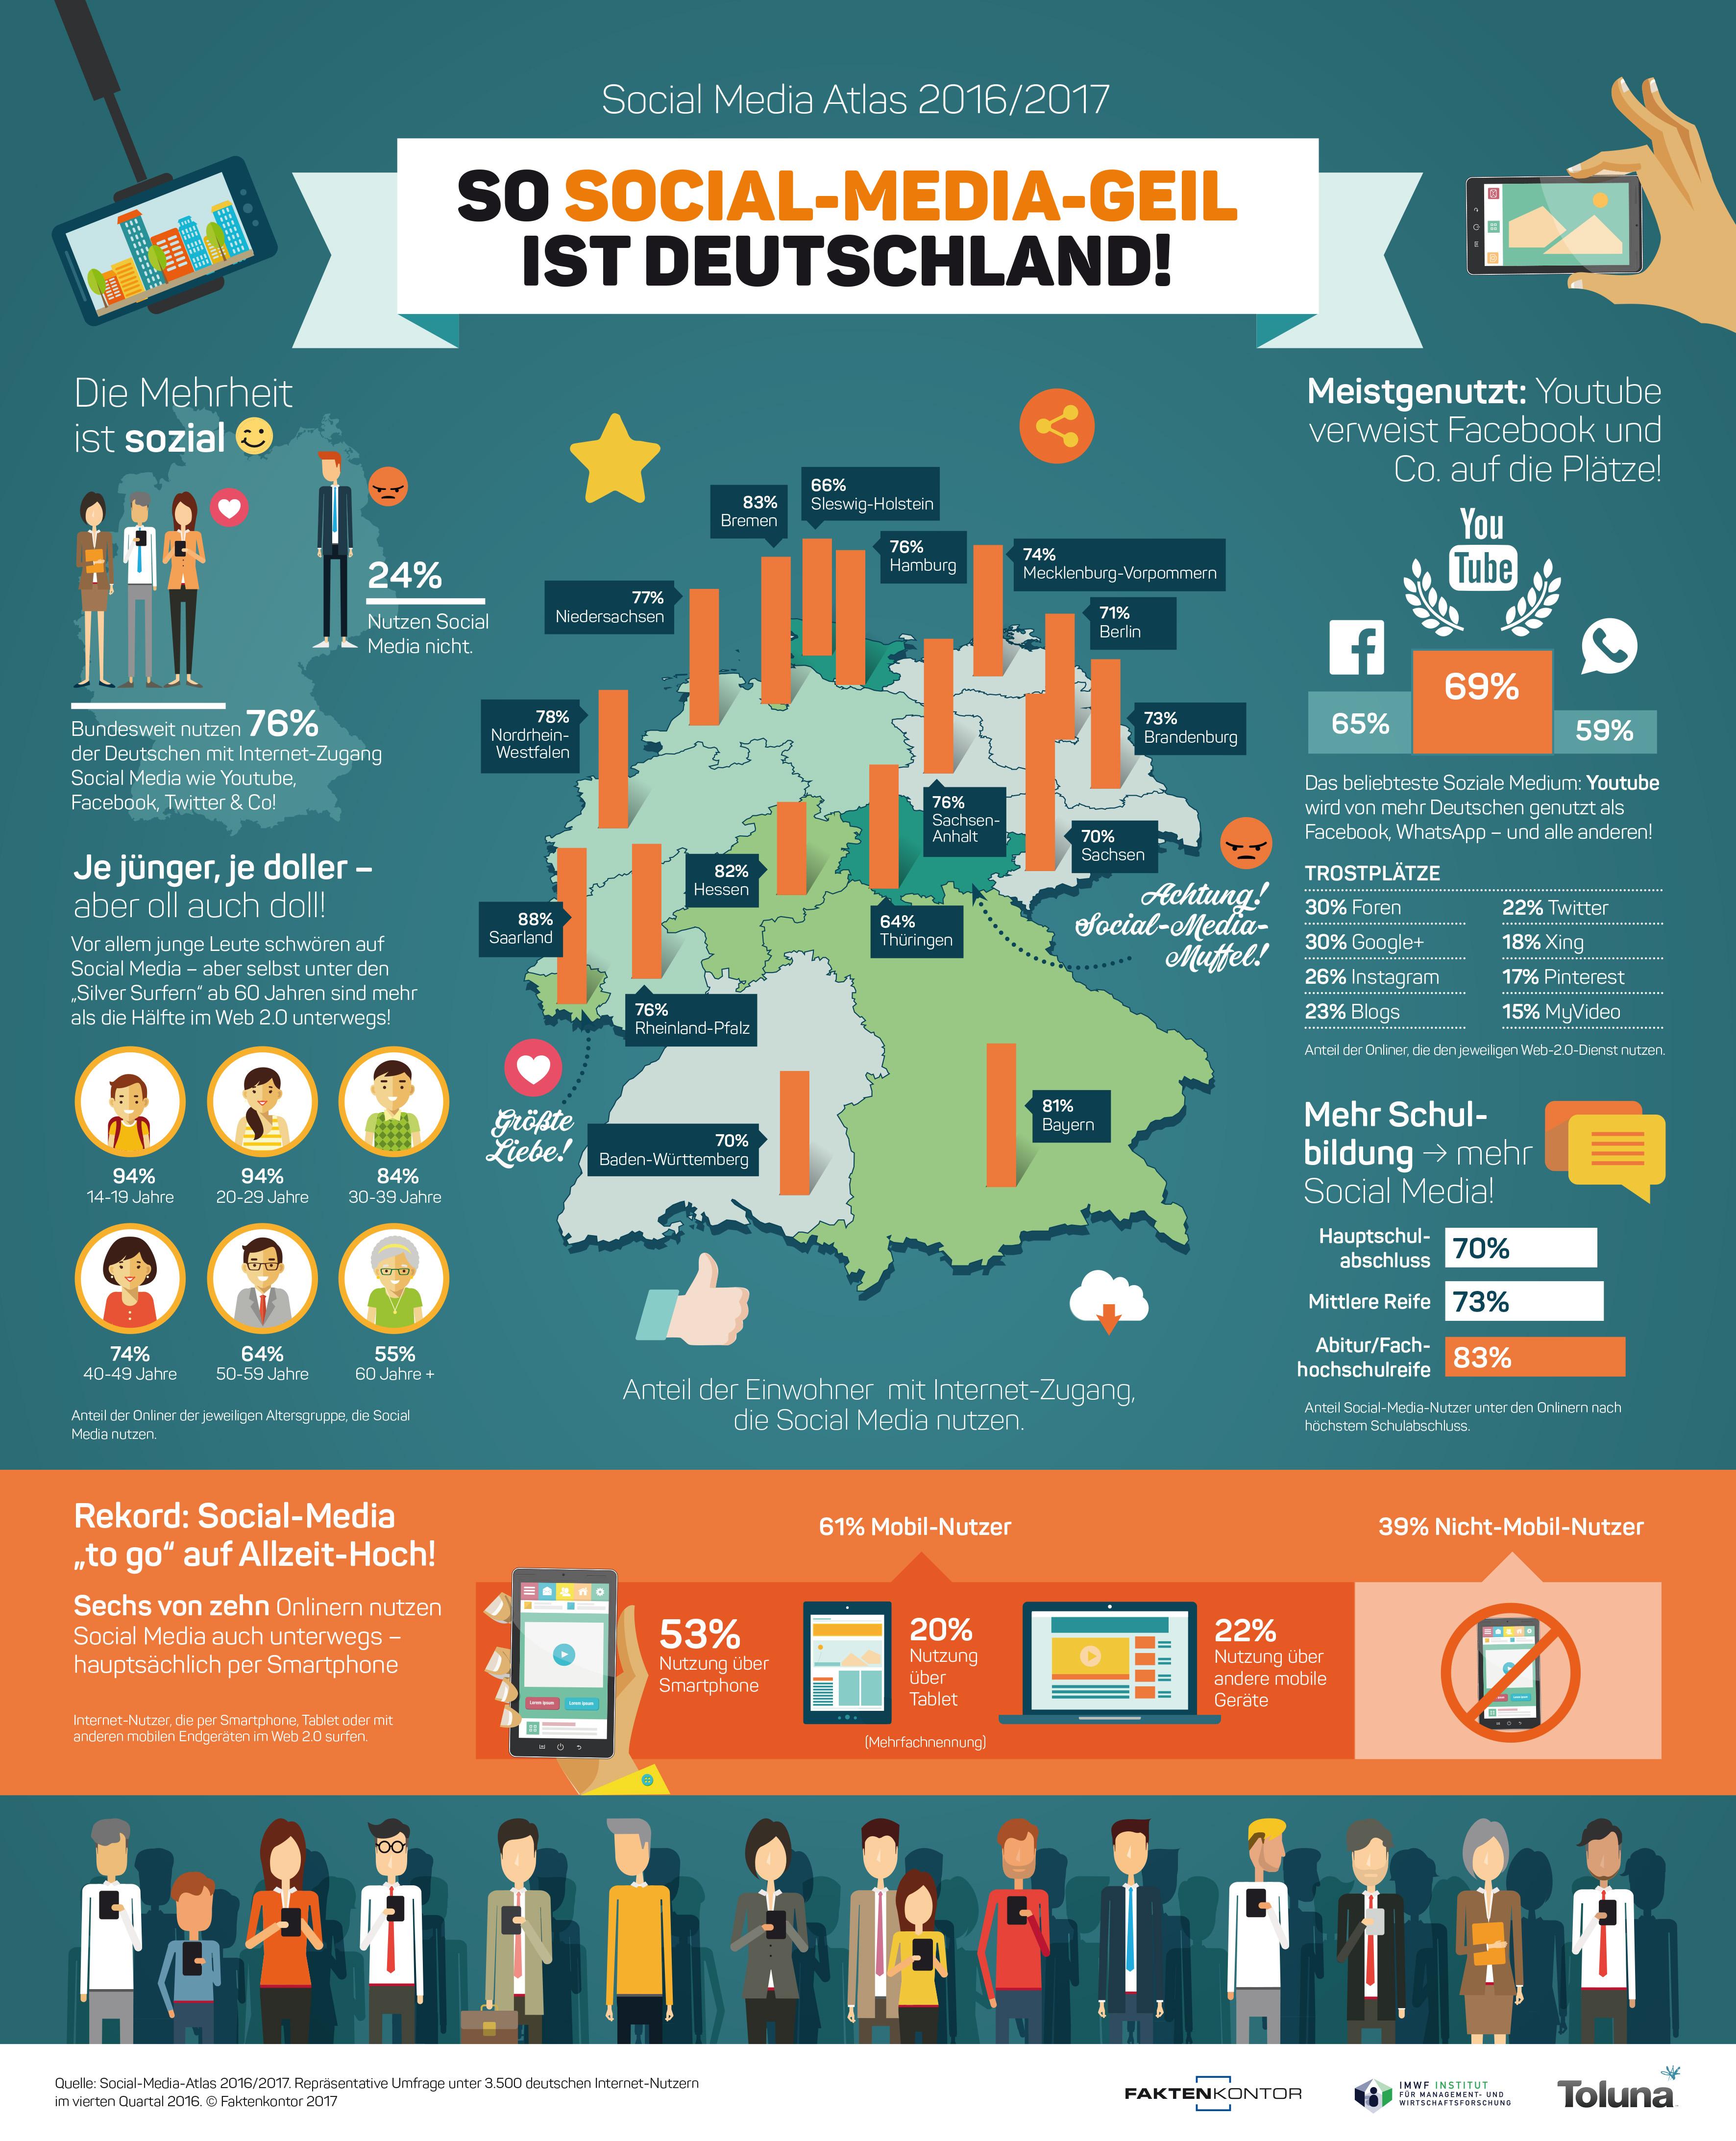 Infografik-Social-Media-Nutzung-Faktenkontor-Social-Media-Atlas-2016-2017.jpg